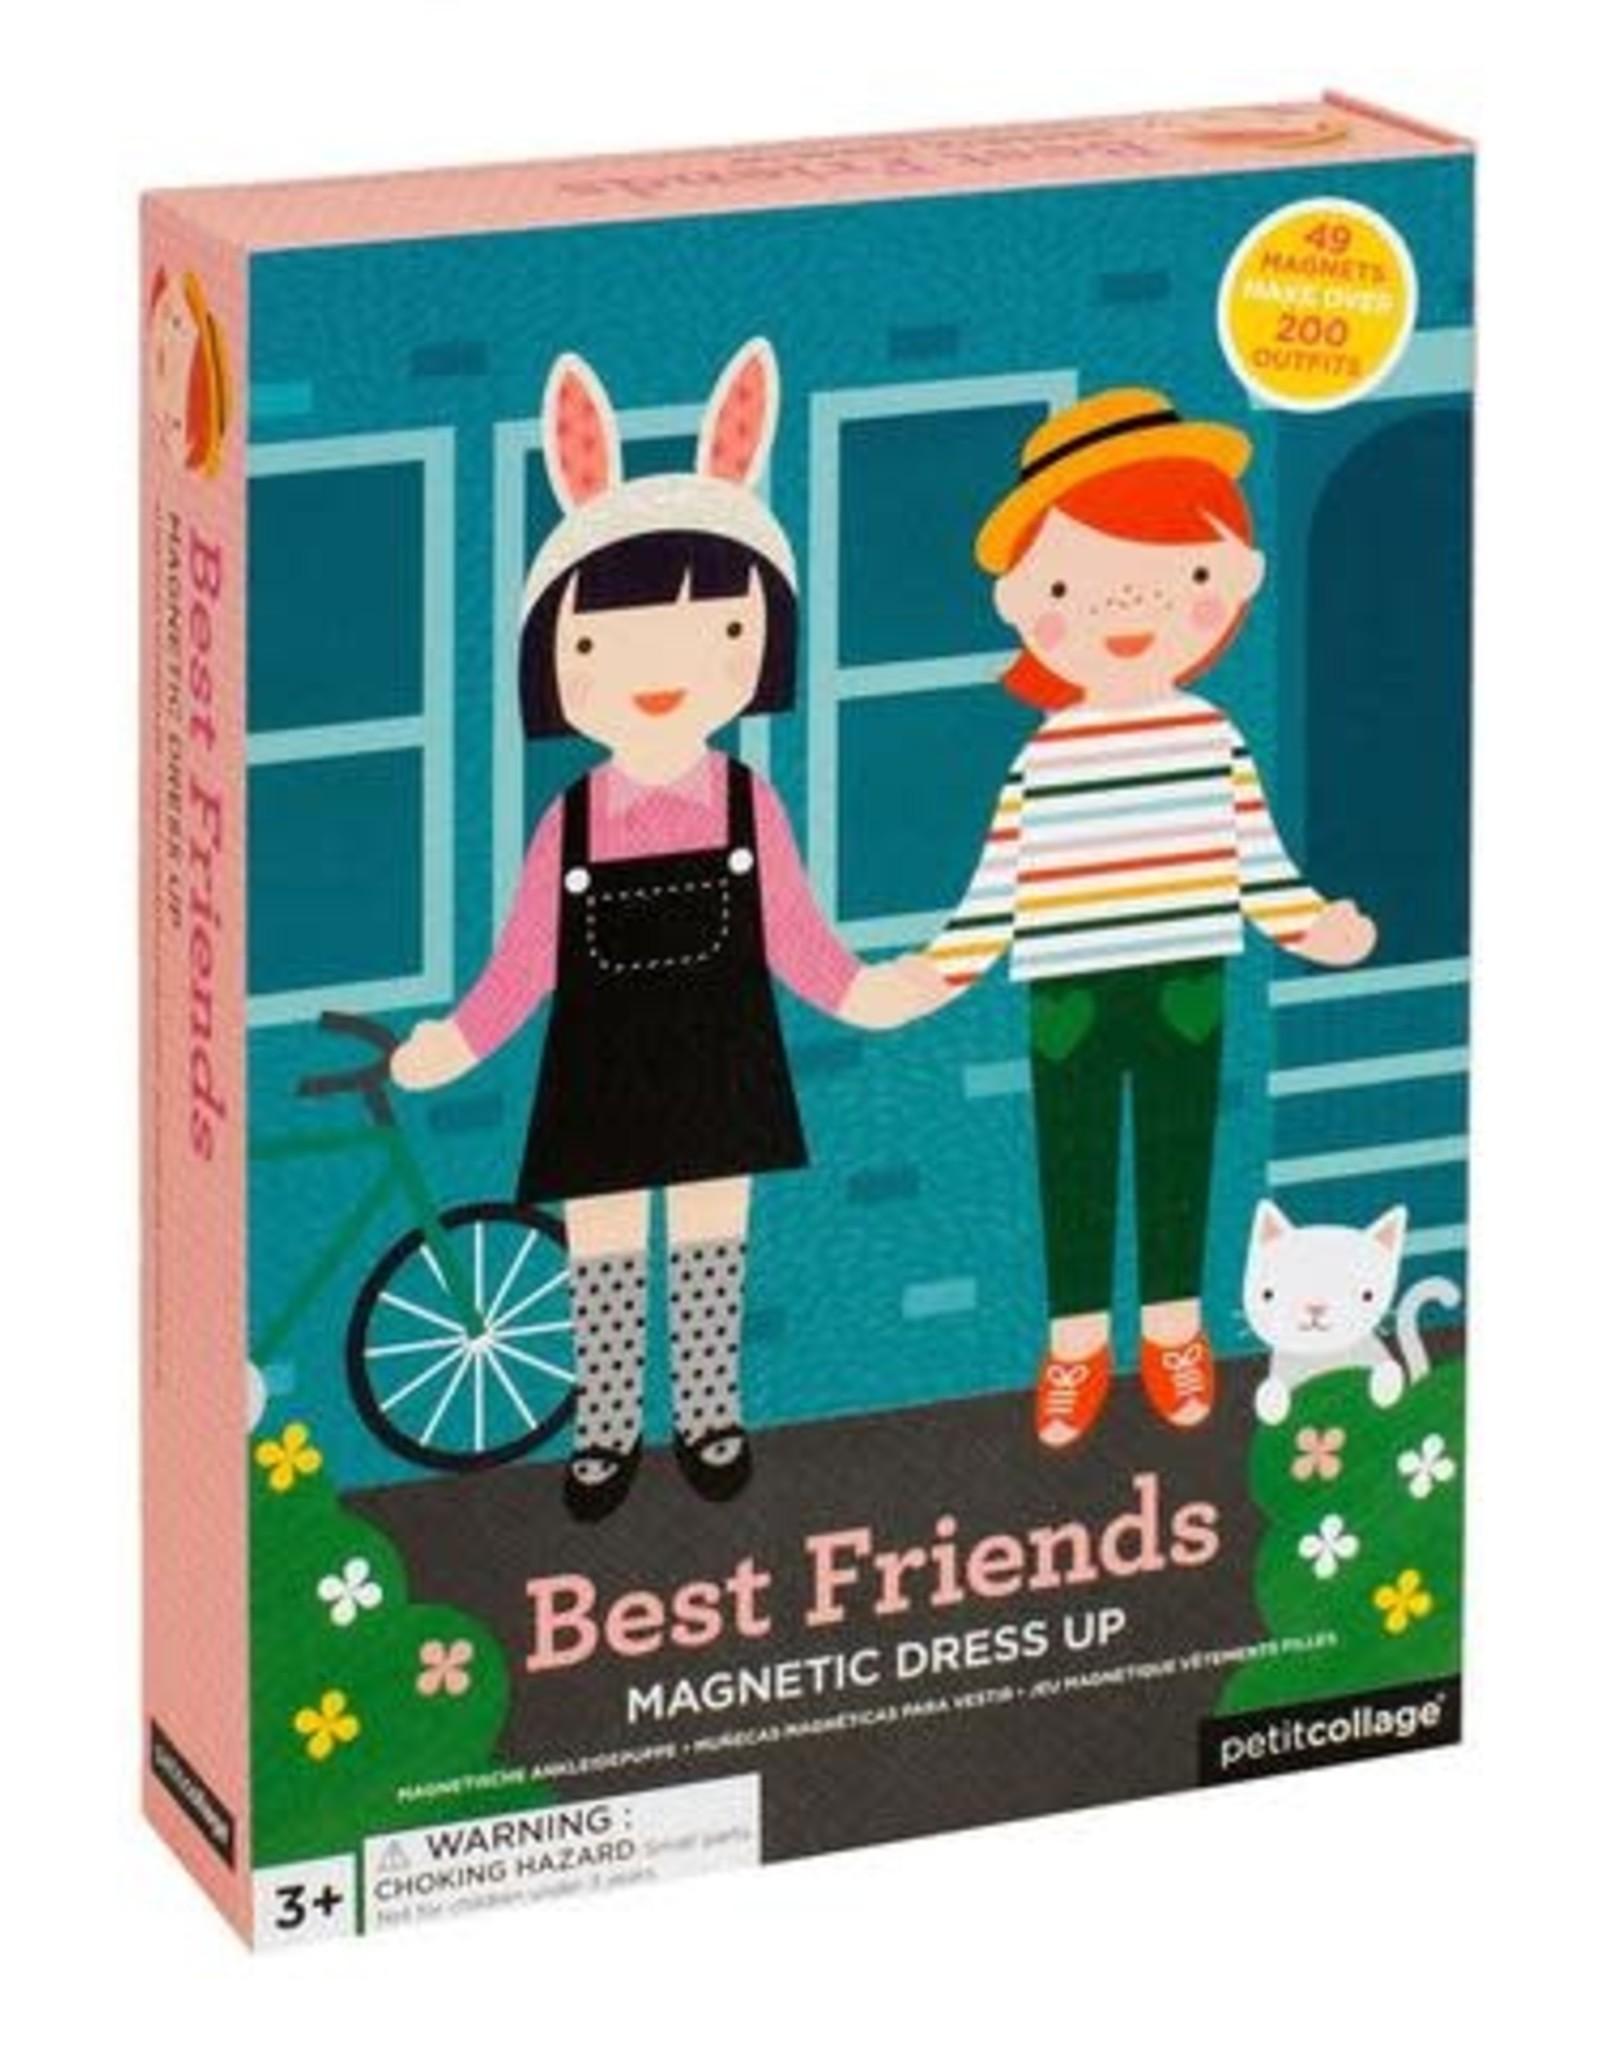 Petit Collage PTC105 Magnetic Dress Up - Best Friends